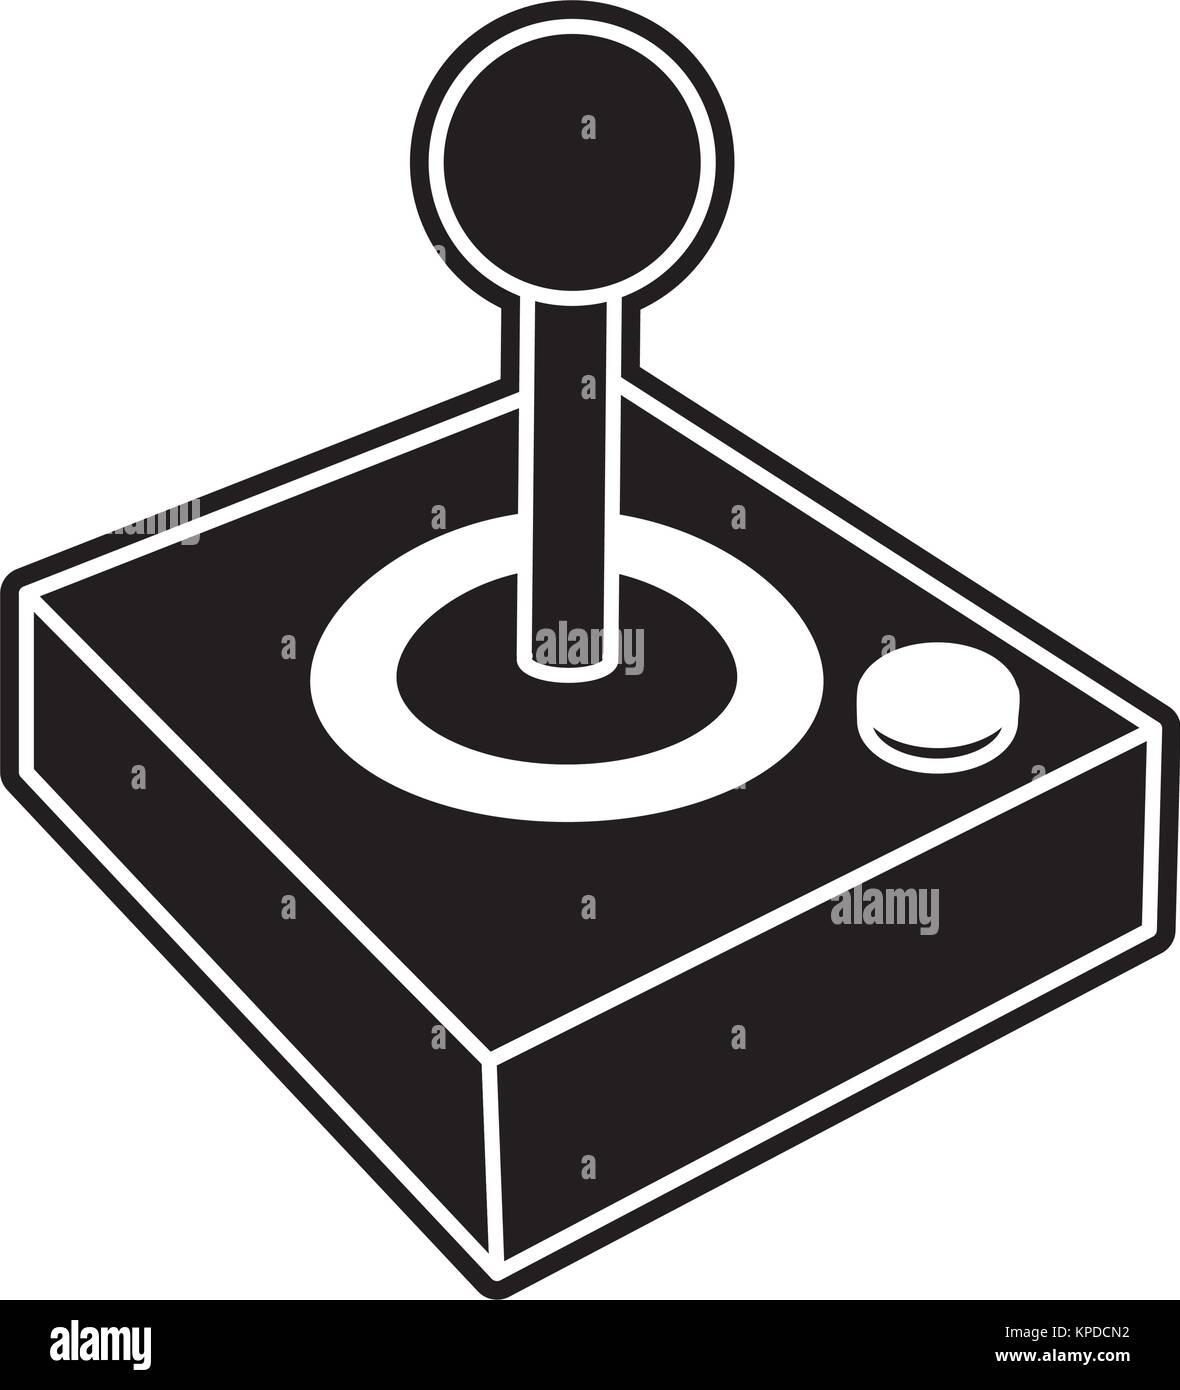 Isolated joystick design - Stock Image